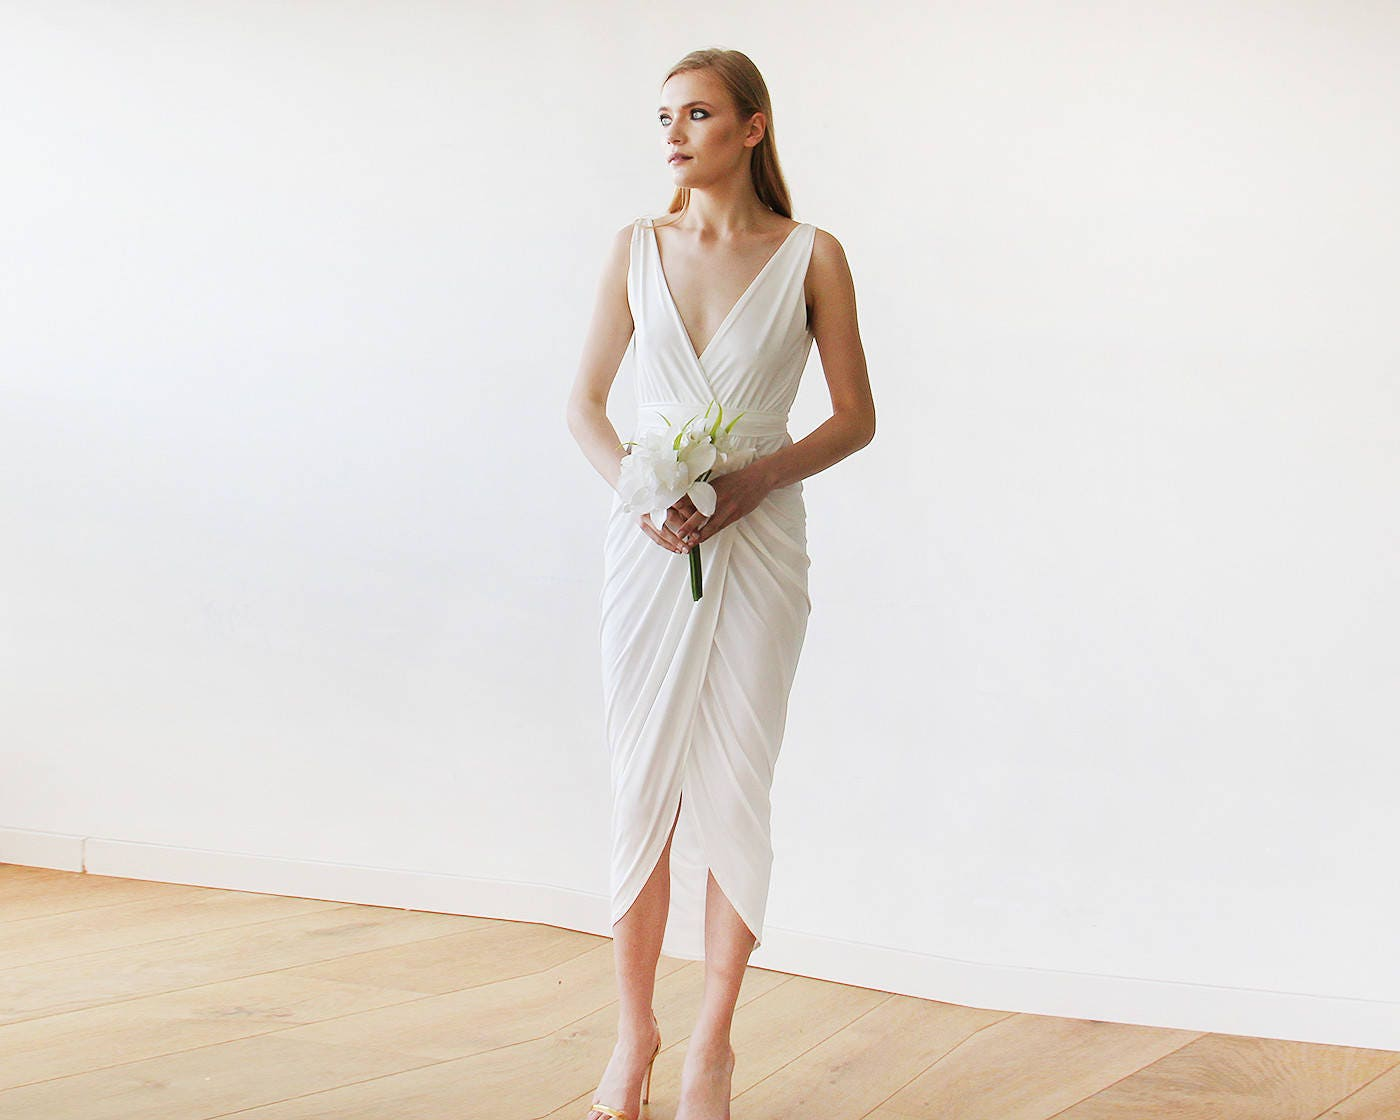 Ziemlich Gruppe Usa Brautkleid Ideen - Brautkleider Ideen - cashingy ...